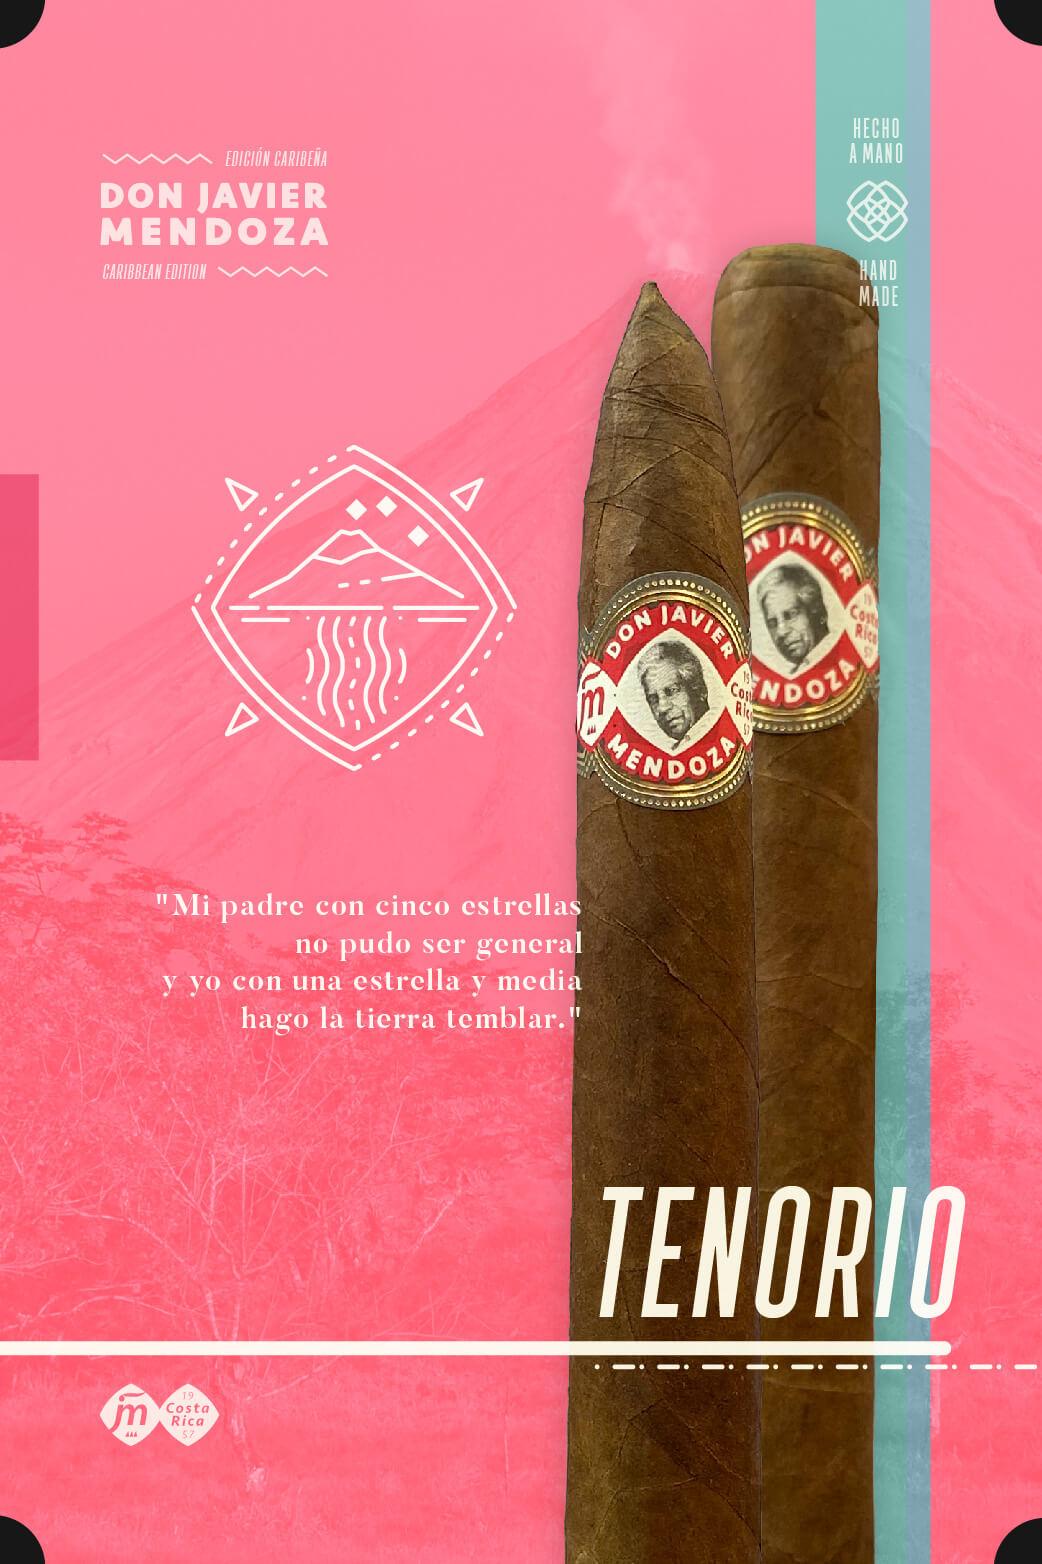 Don Javier Mendoza Tenorio